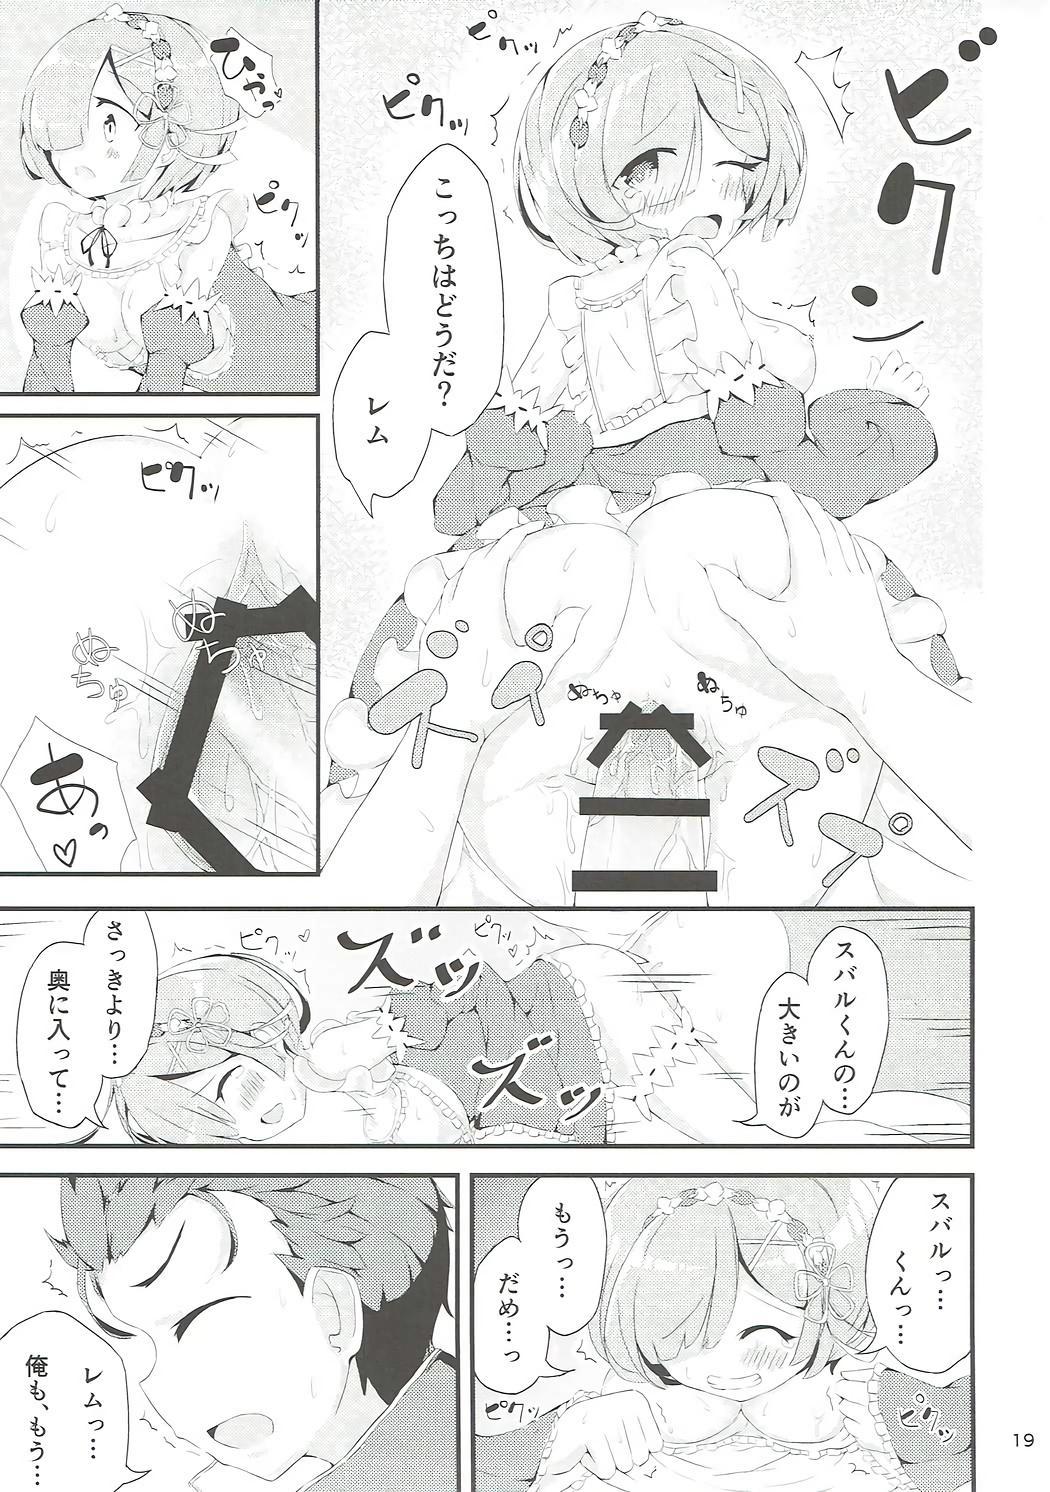 Re:Rem to Hajimeru Dousei Seikatsu 17